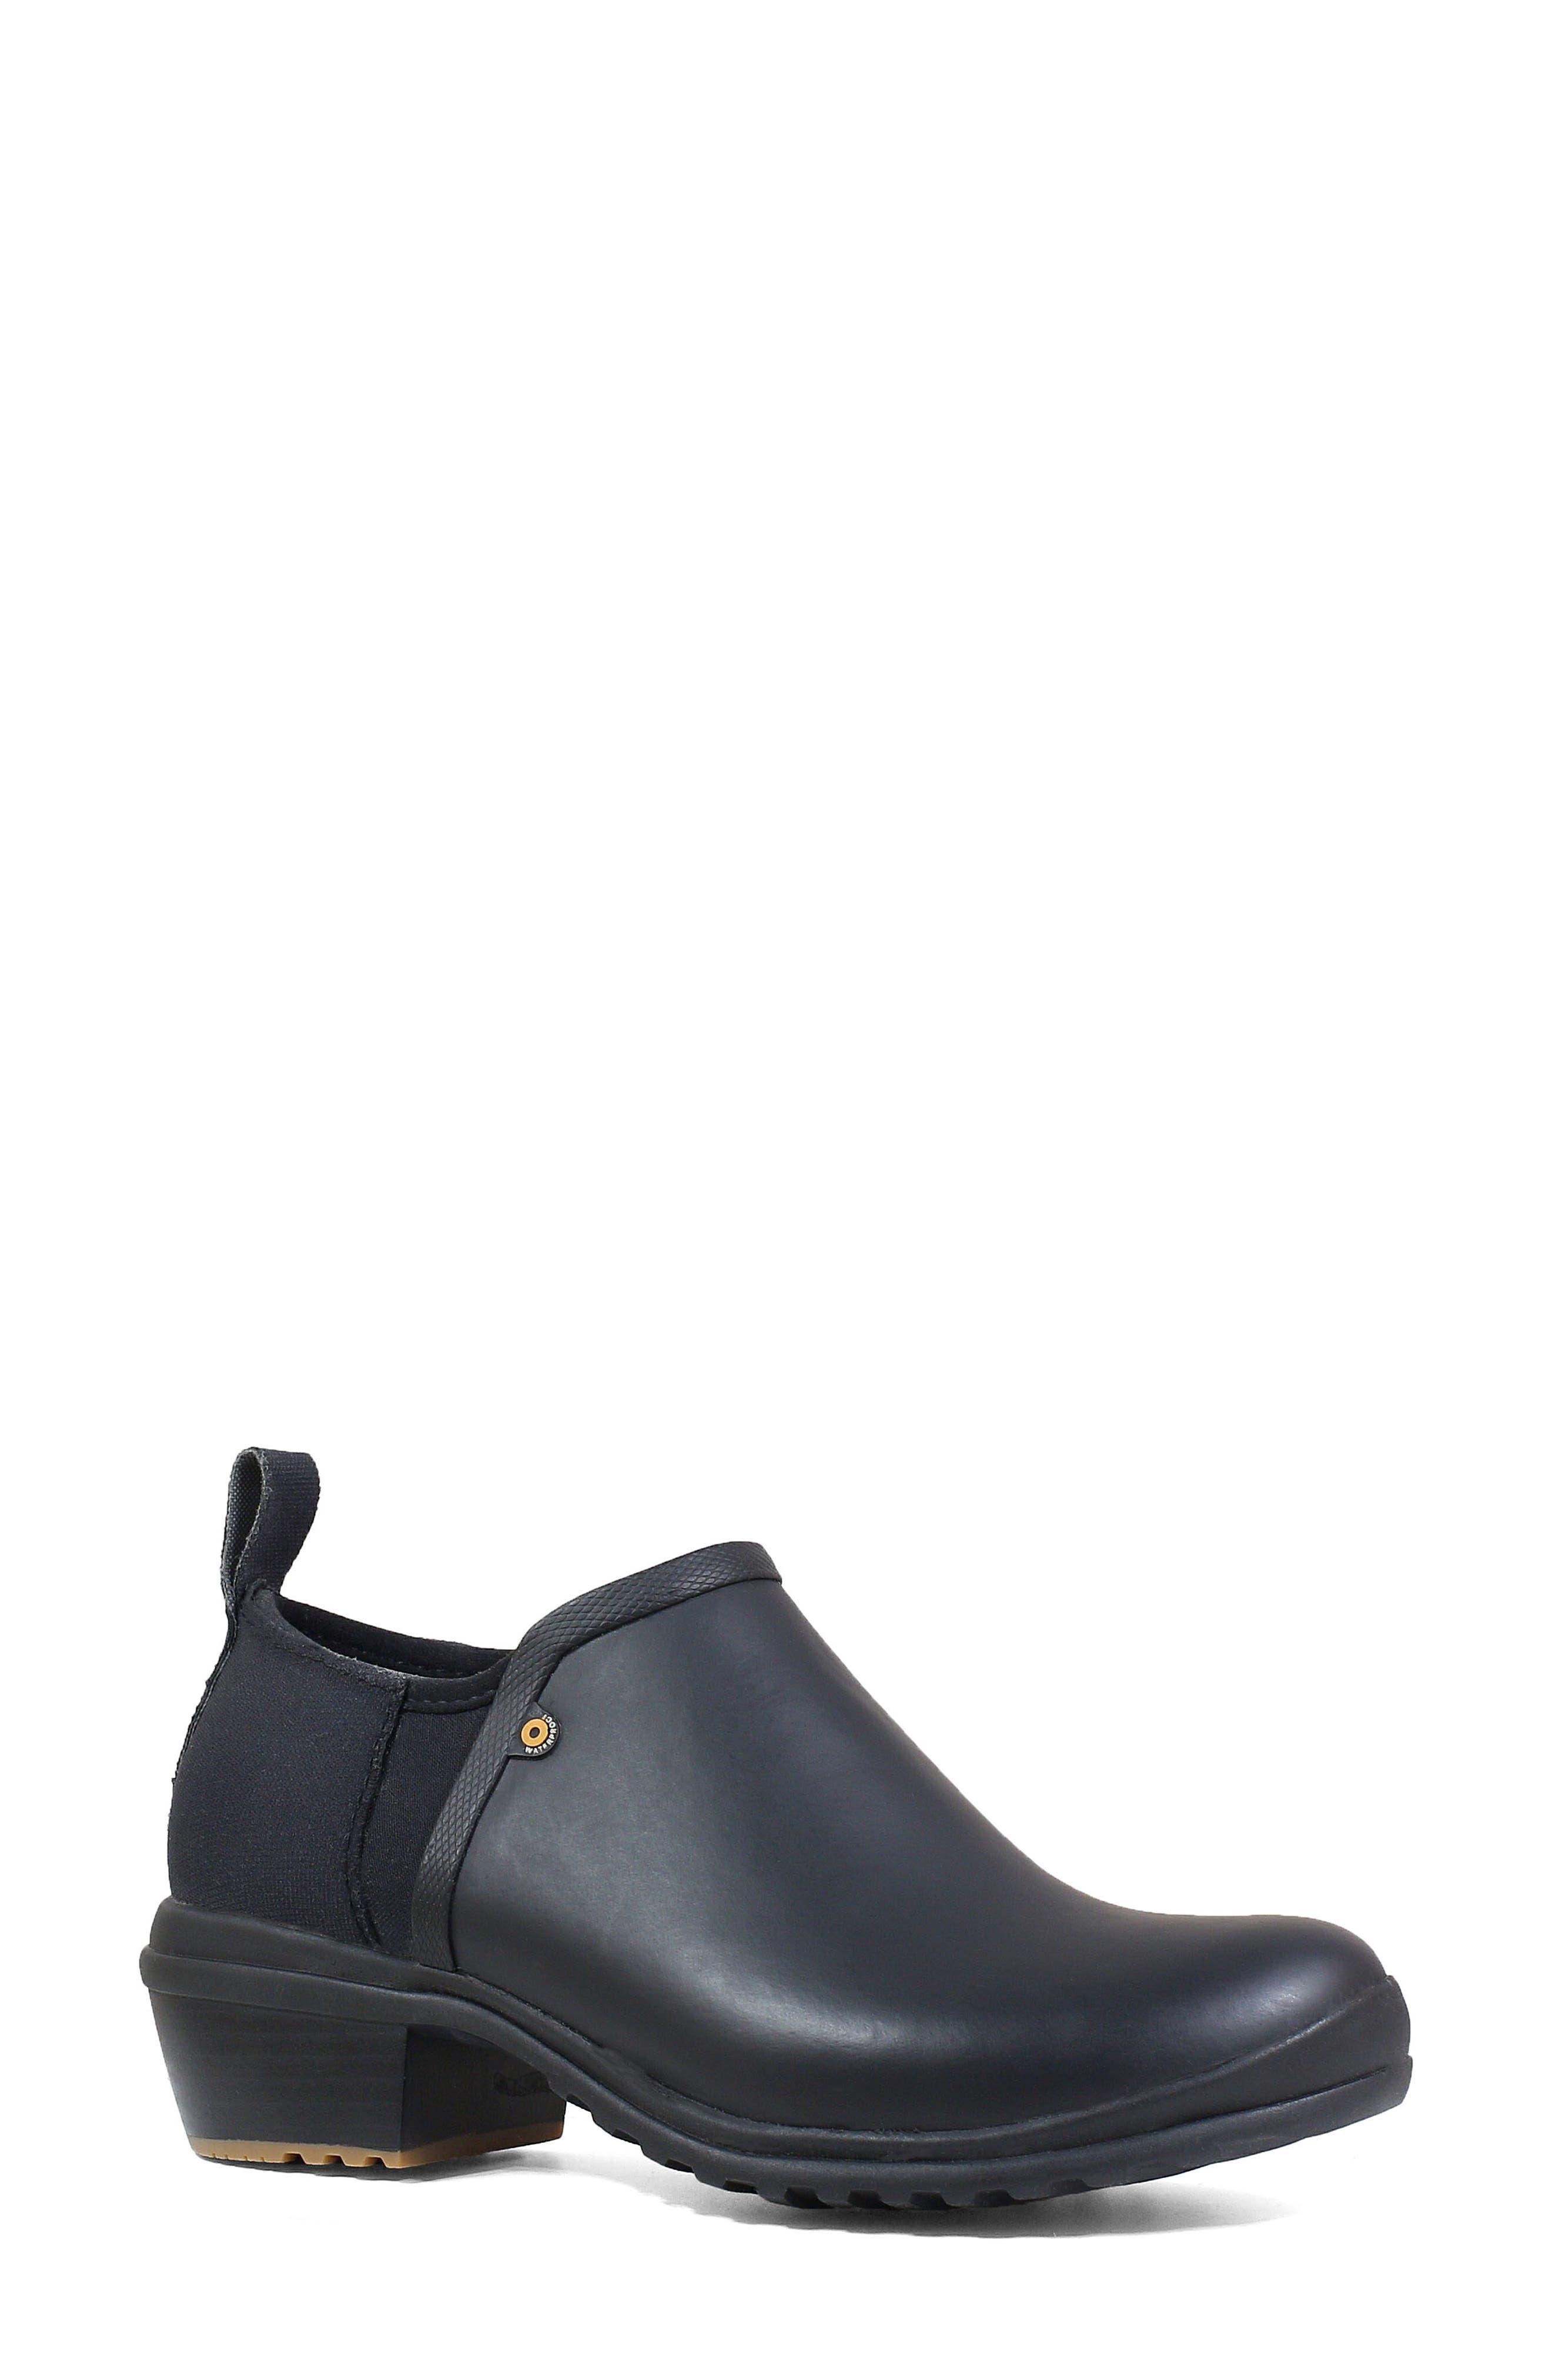 Bogs Vista Rain Ankle Waterproof Boot, Black